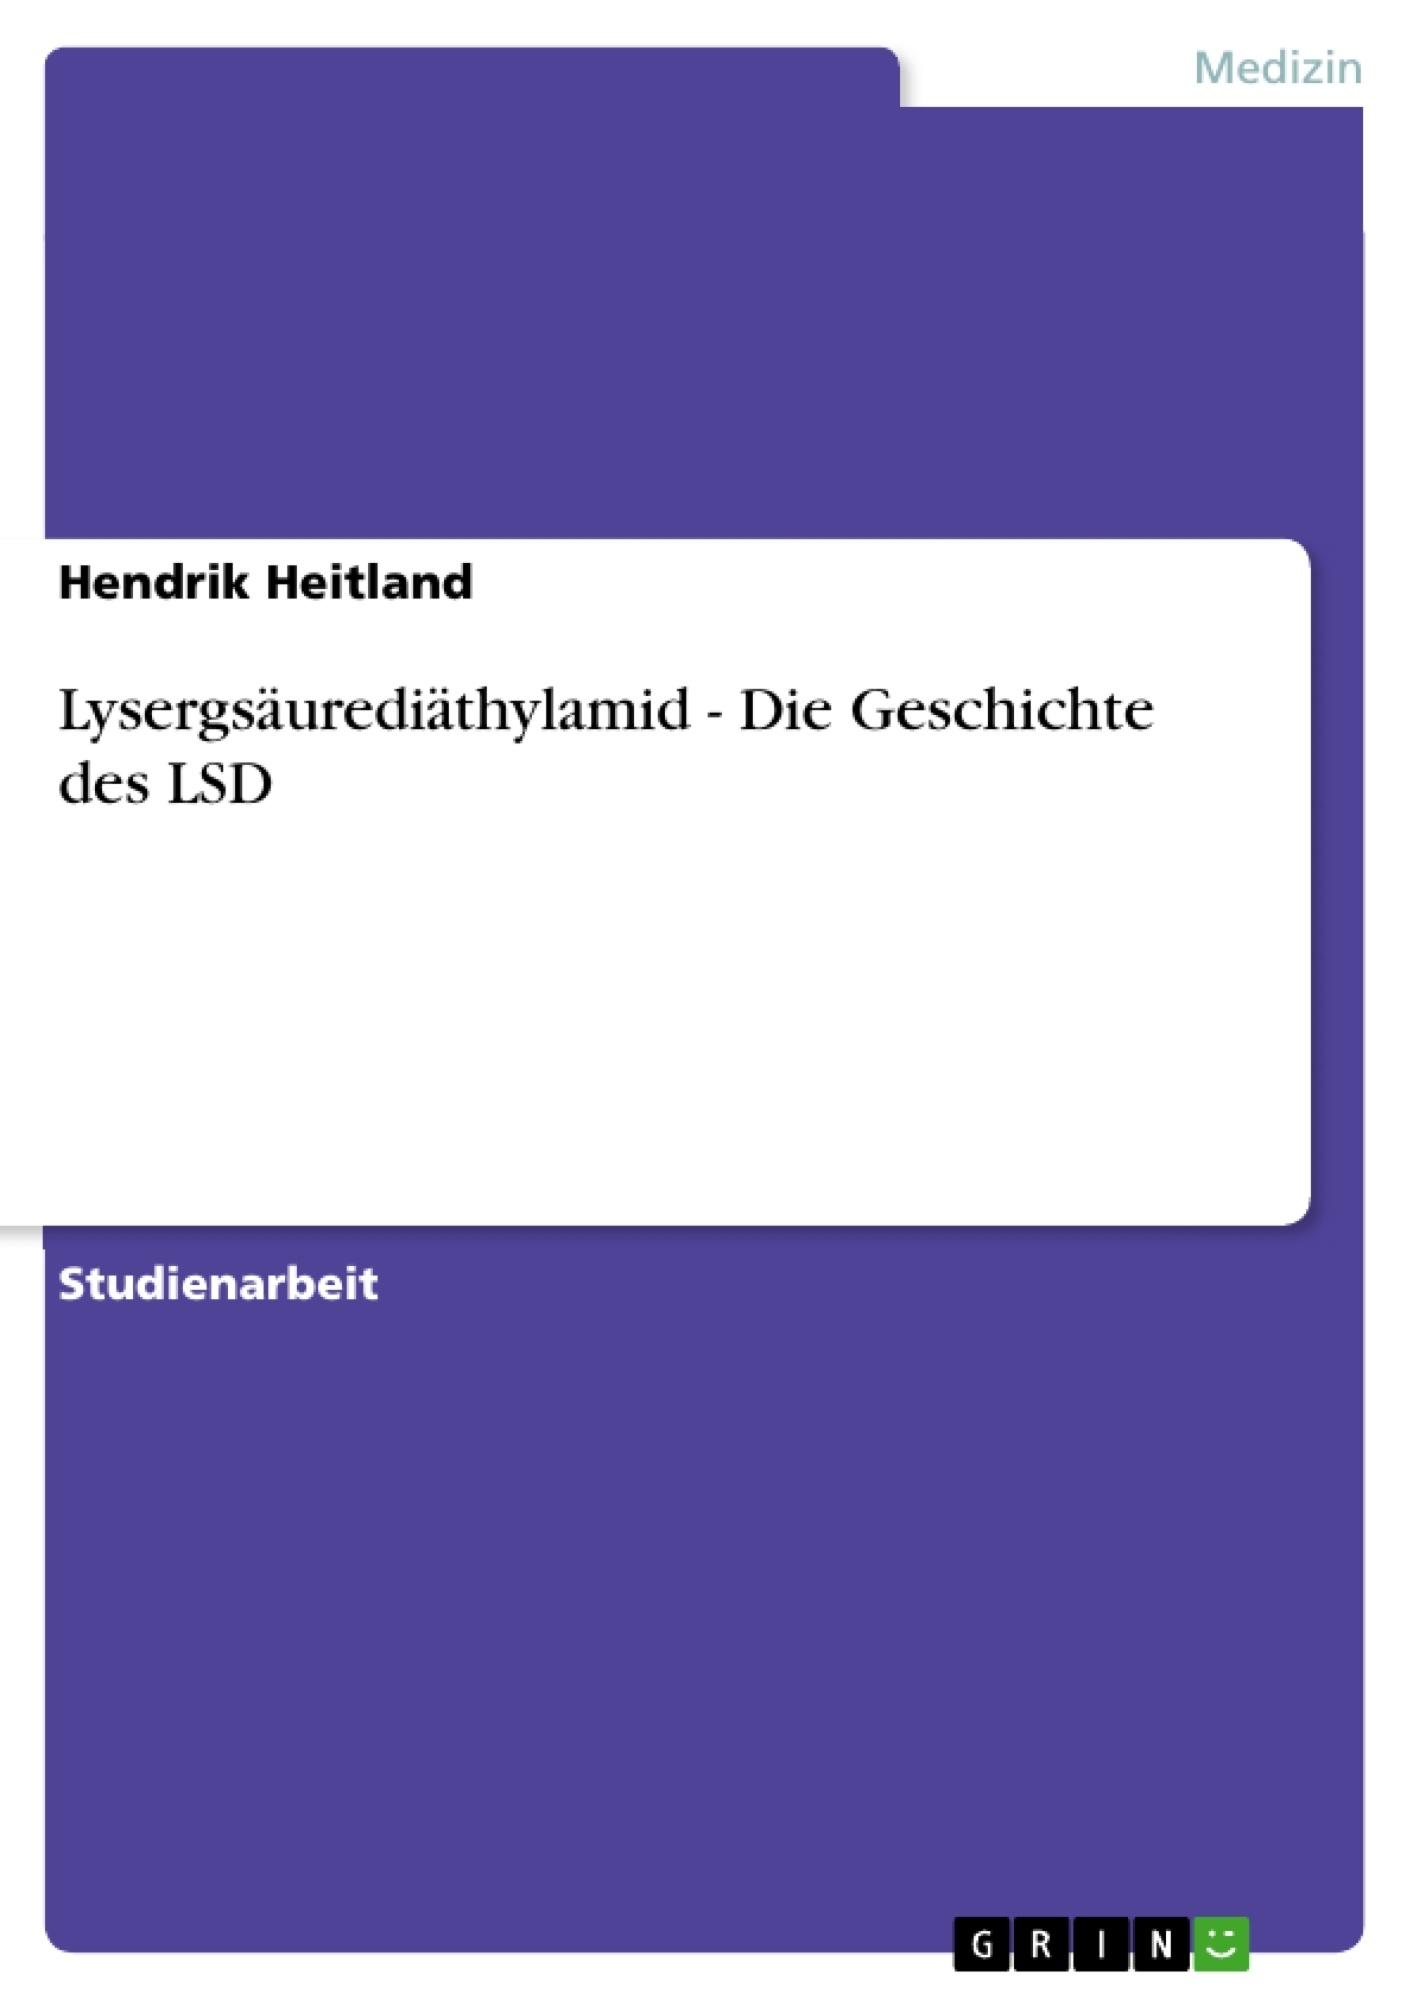 Titel: Lysergsäurediäthylamid - Die Geschichte des LSD